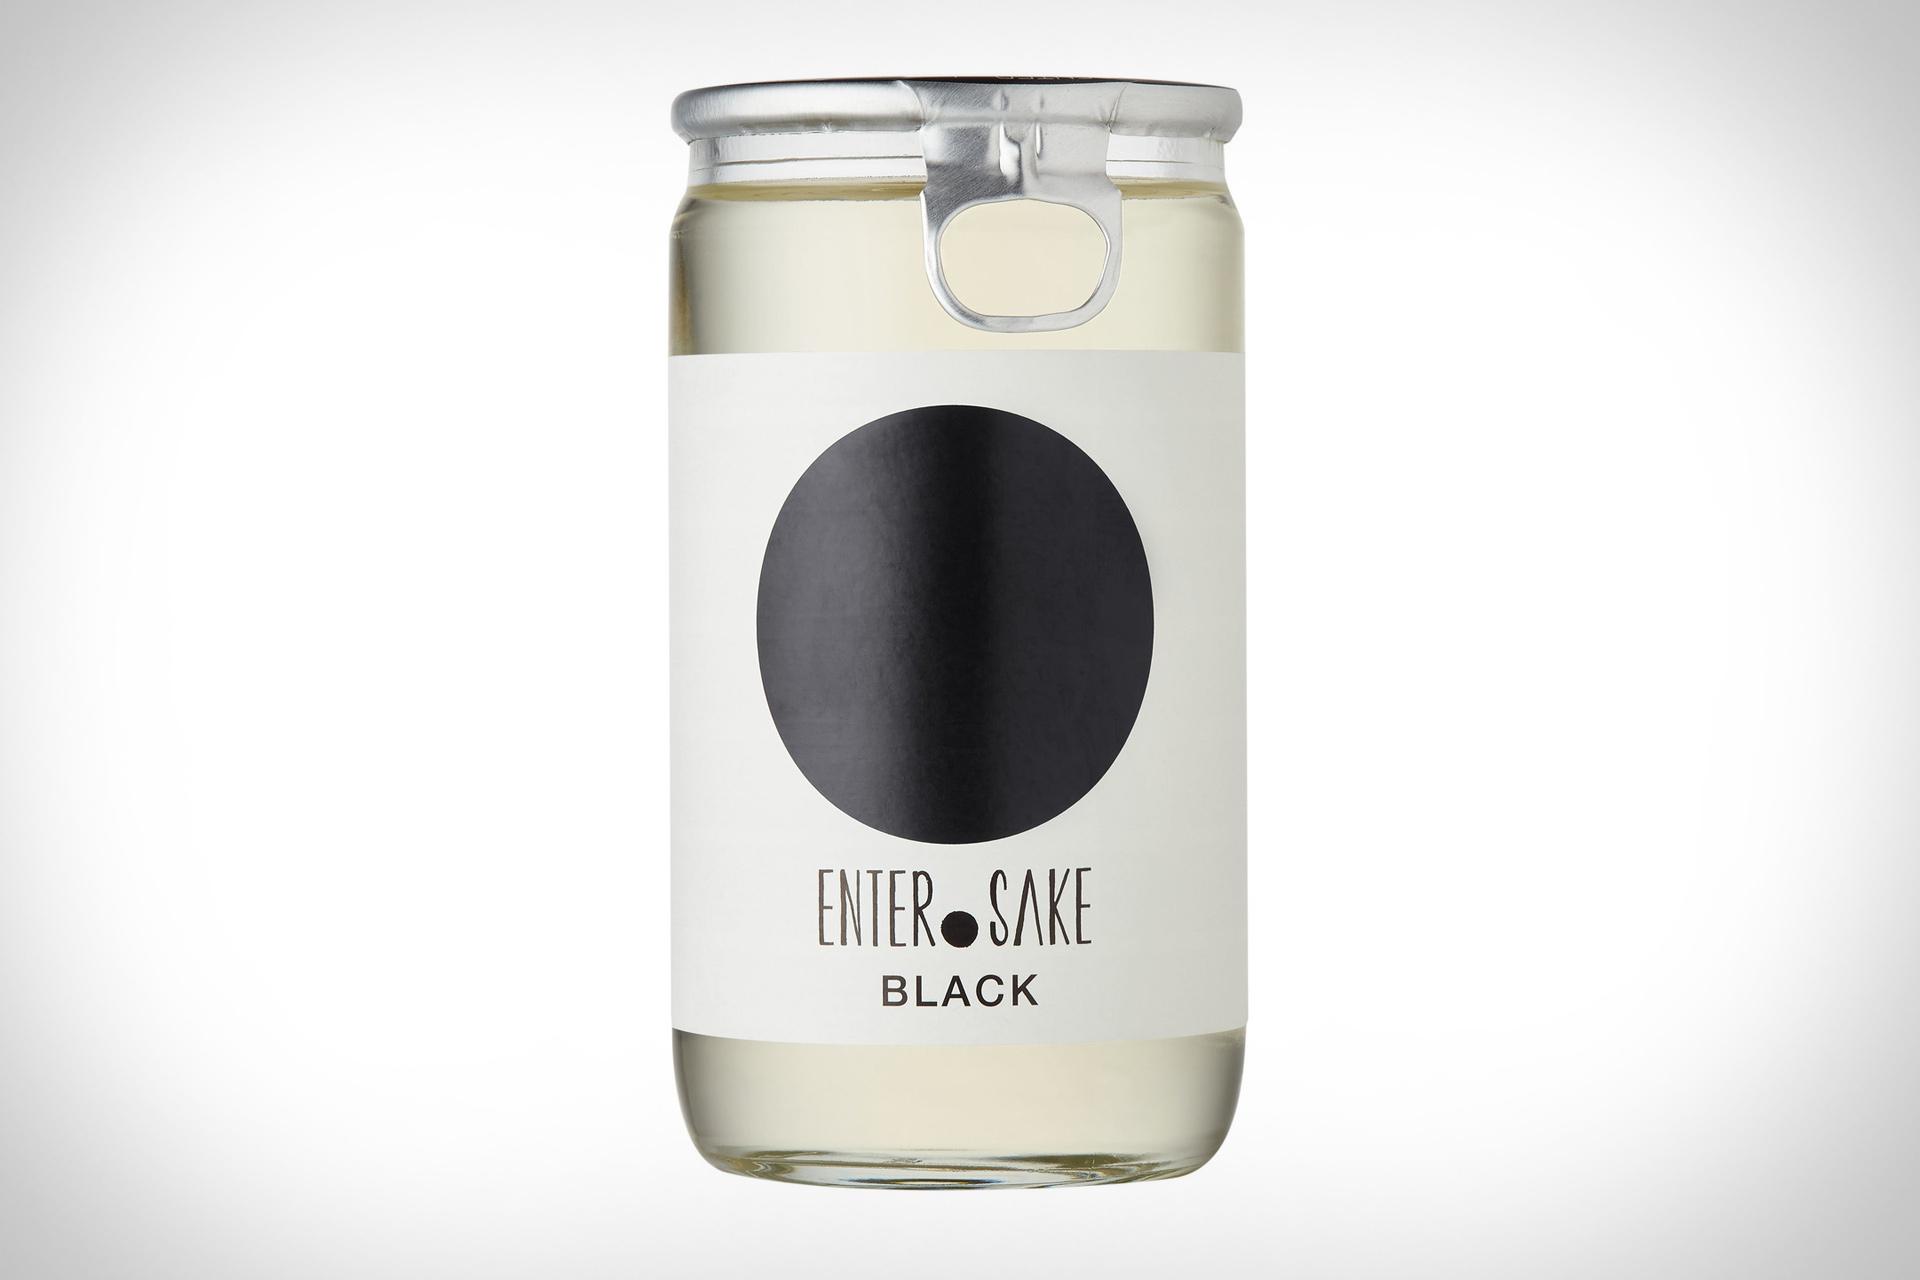 Enter Sake Black